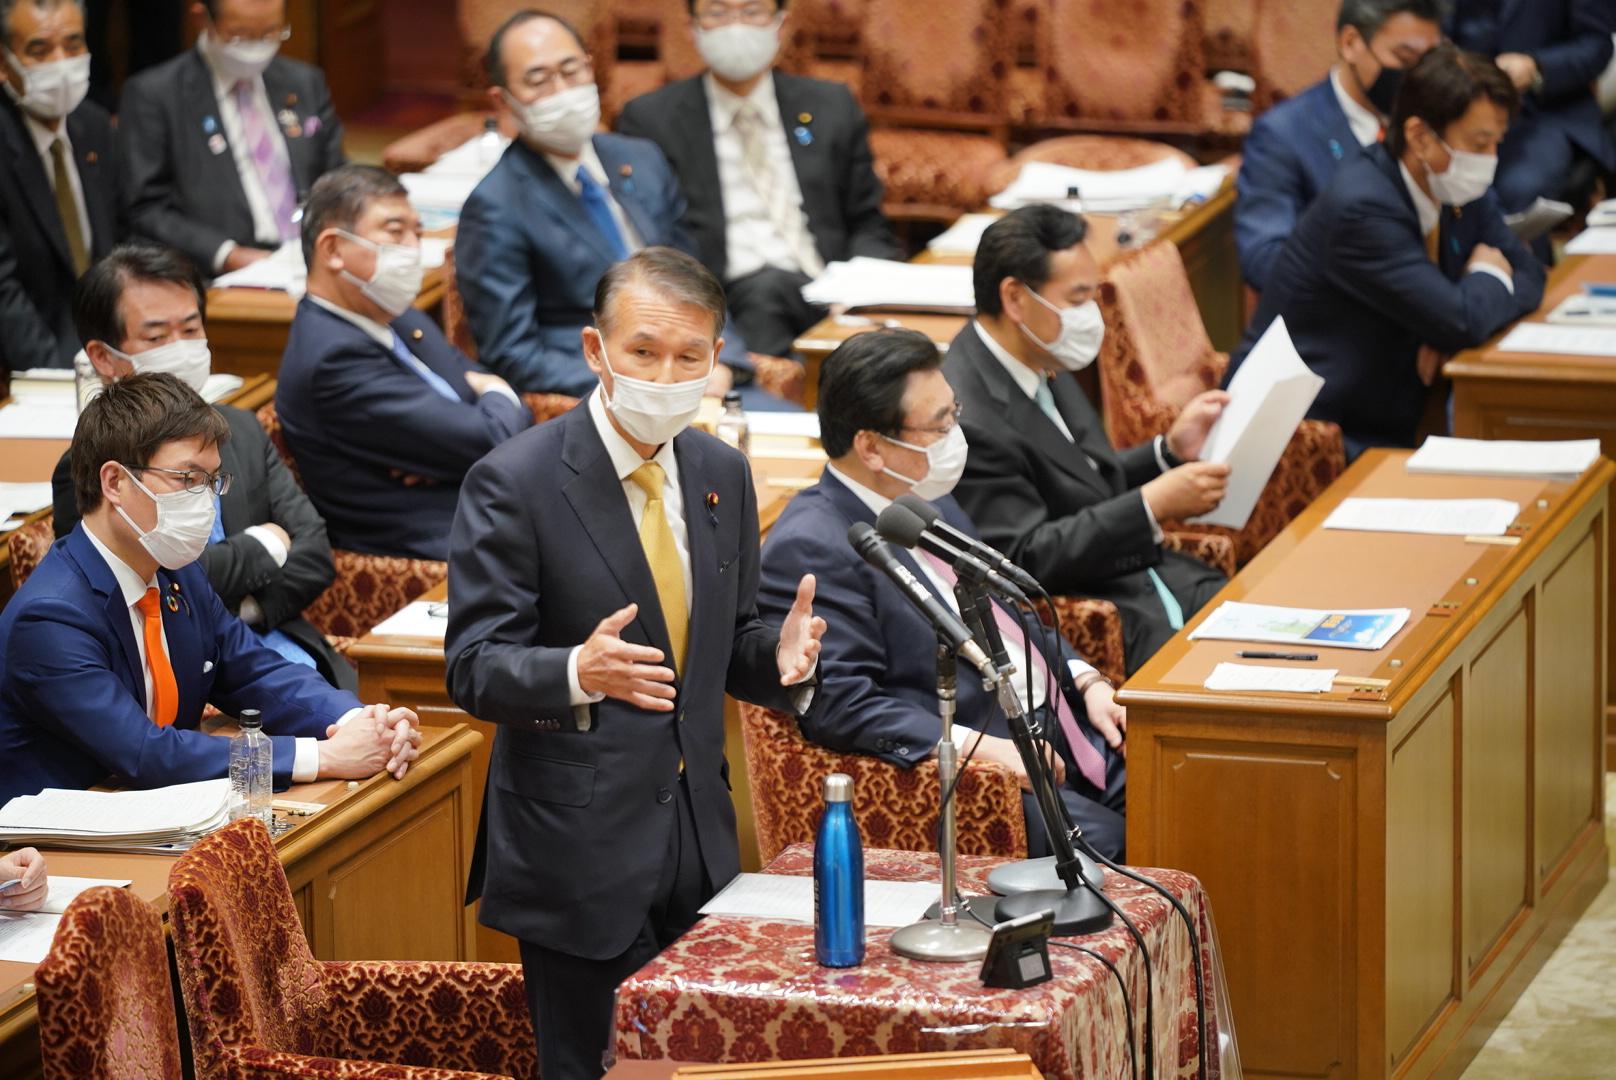 【衆予算委】岸本幹事長代理が予算委員会で新型コロナウイルス感染症対策等について質疑